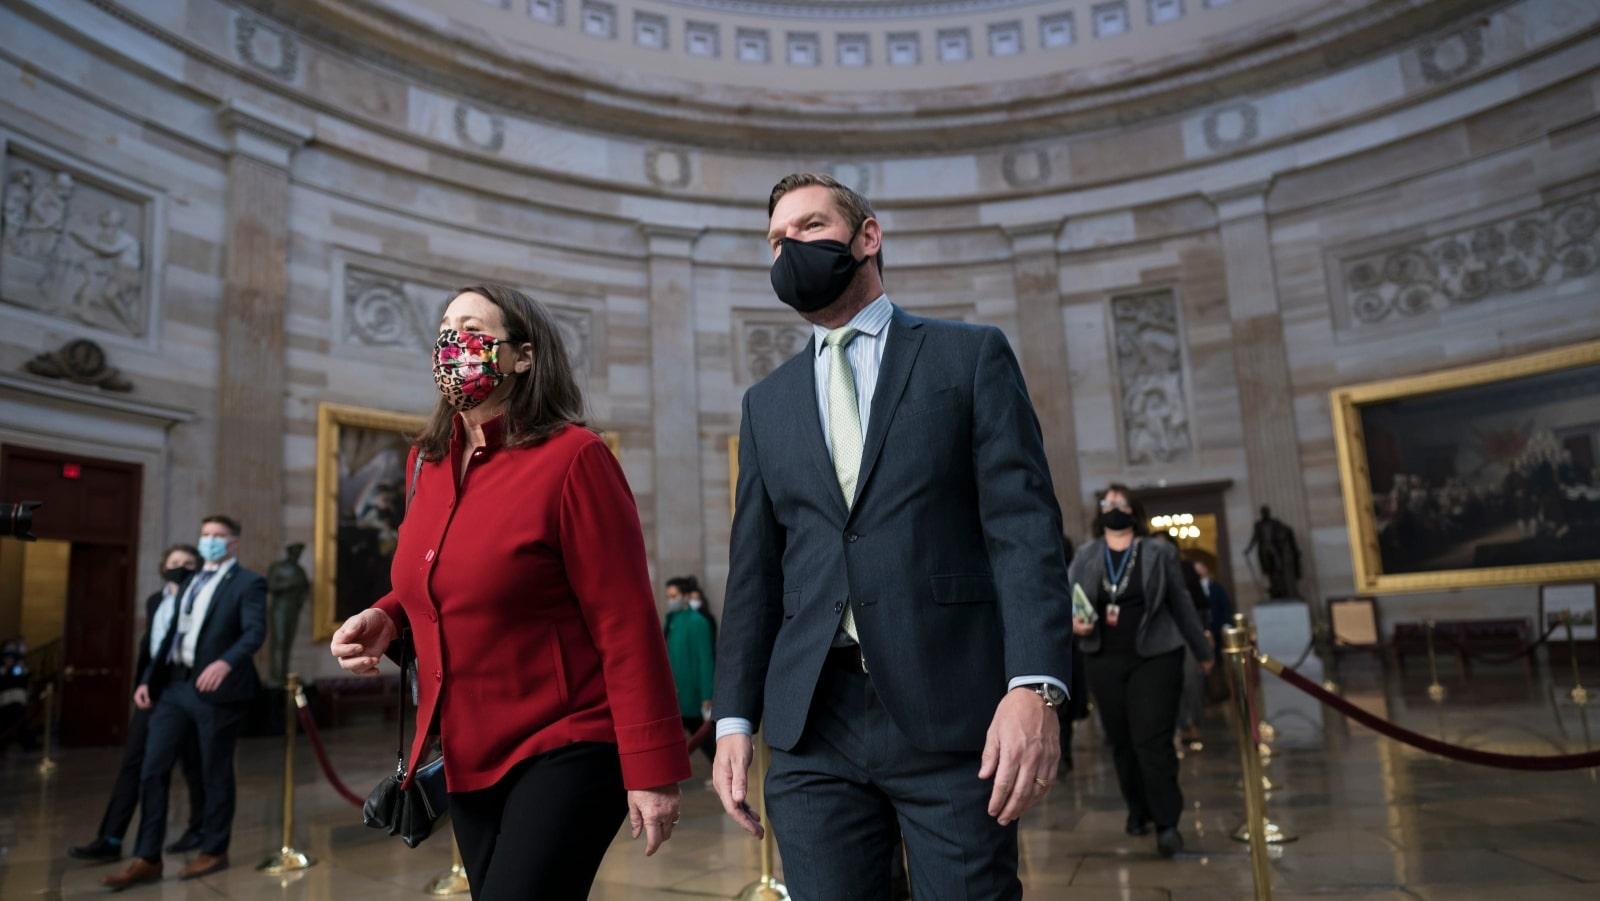 EE.UU.: Senado inicia segundo juicio político en contra de Donald Trump, que busca su inhabilitación política